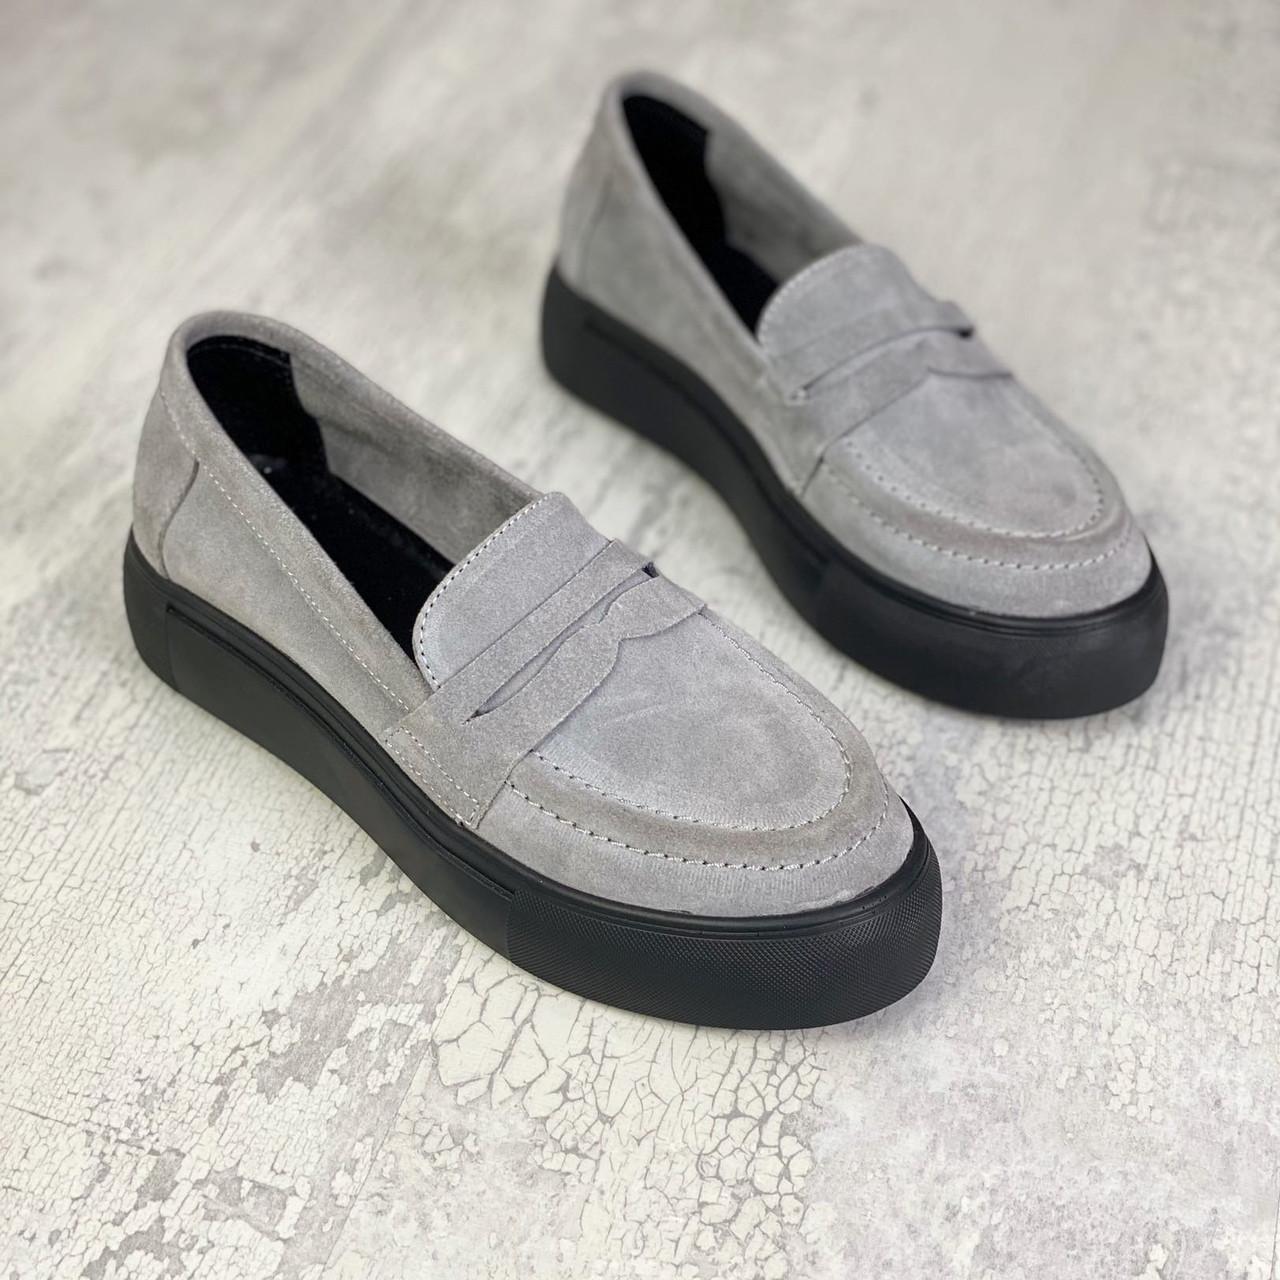 Жіночі замшеві туфлі лофери 36-41 р сірий